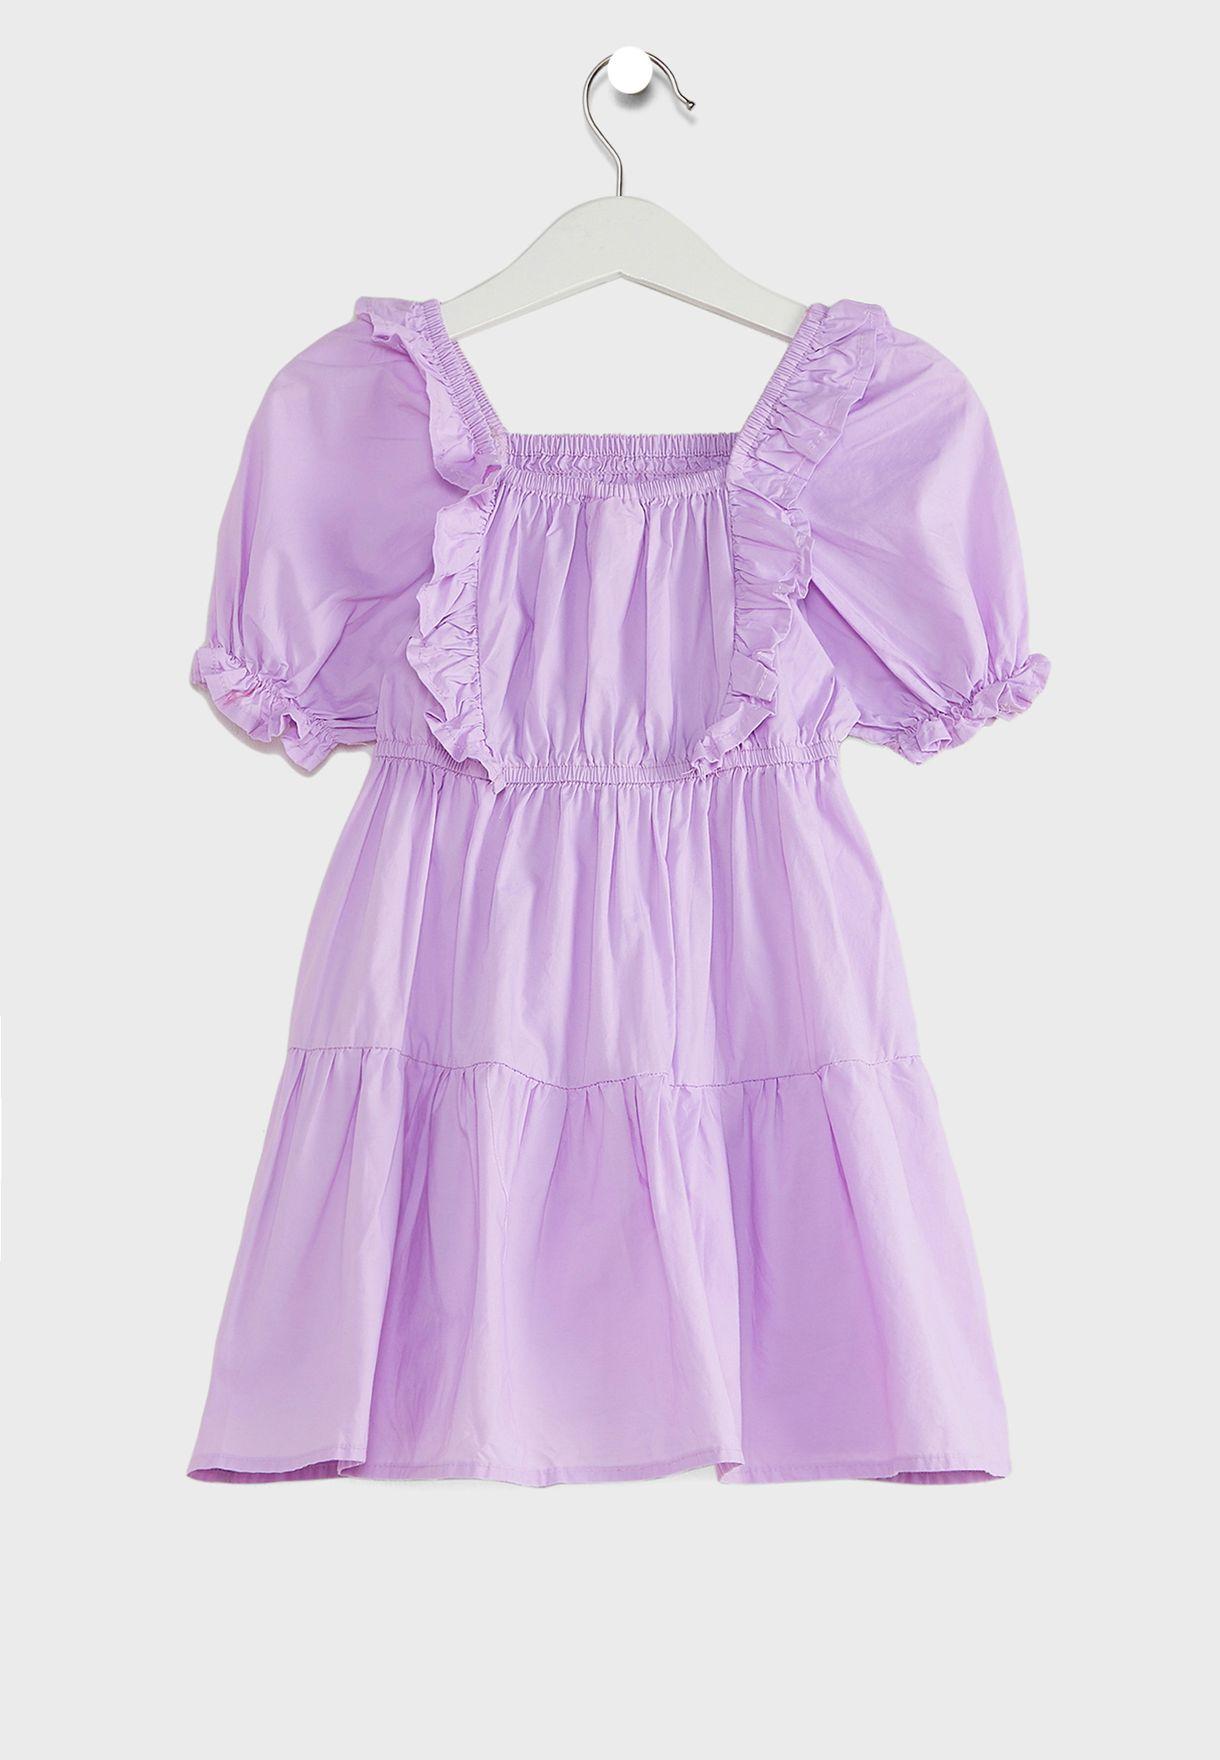 فستان بياقة مربعة واكمام قصيرة